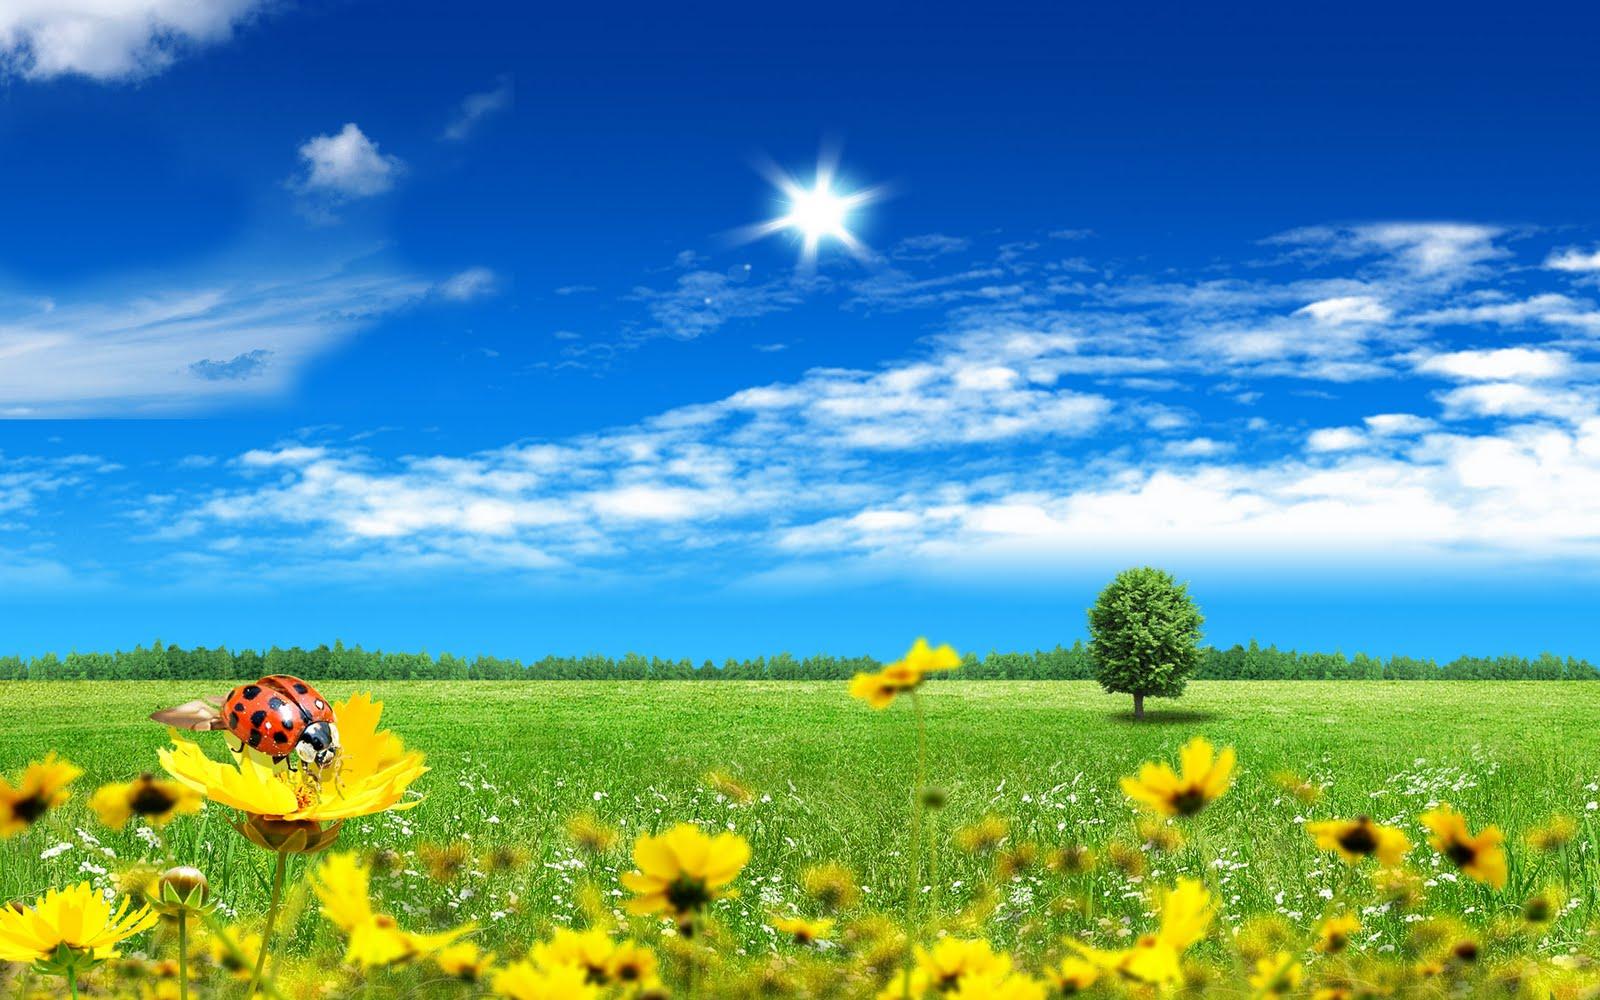 http://2.bp.blogspot.com/-NRtdufrspHo/TmInaLPdW1I/AAAAAAAAAcI/M8N1SSZ2AEo/s1600/Beautiful-Fantasy-Wallpaper-Natural-Desktop-Wallpaper.jpg